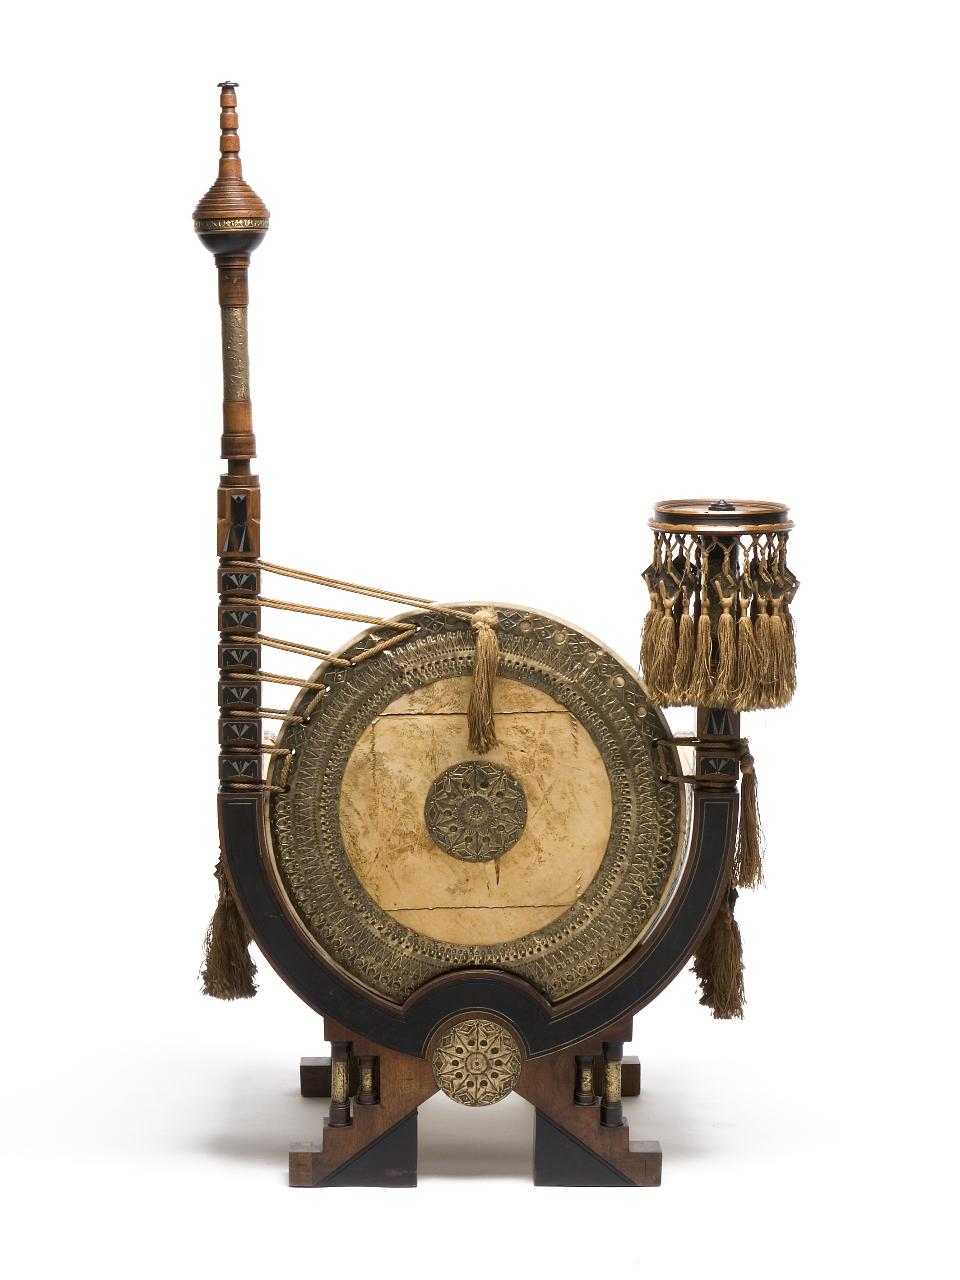 trono_sedia_carlo-bugatti_mobili_pergamena-retro